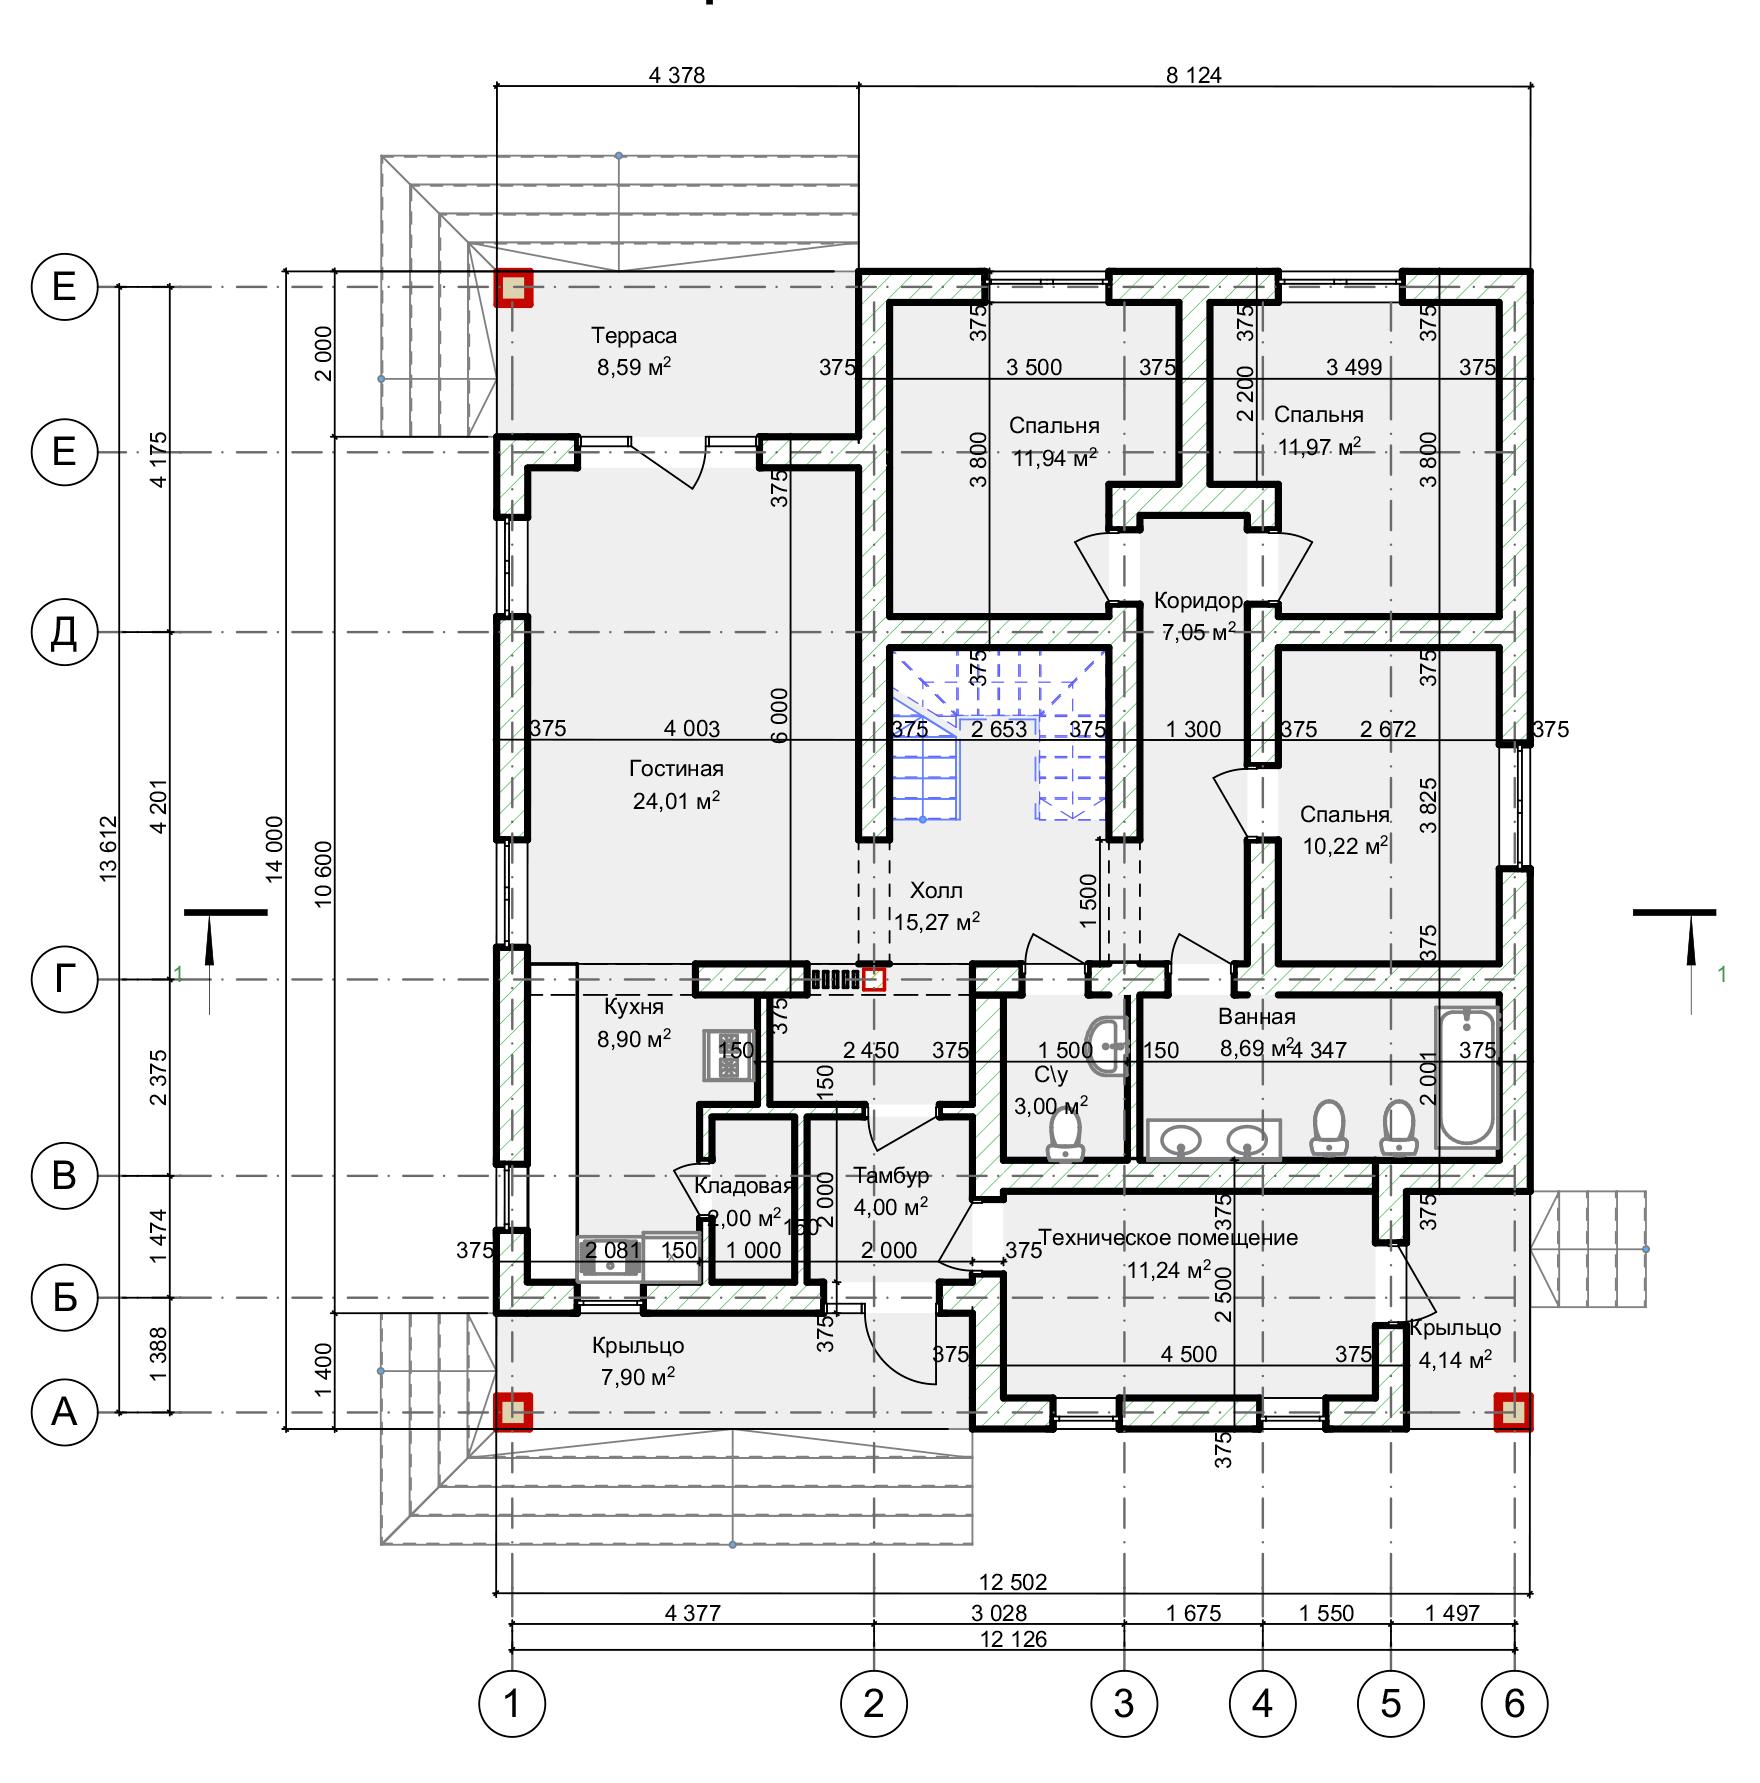 План первого этажа Hannover Langen (Дом Ланген)